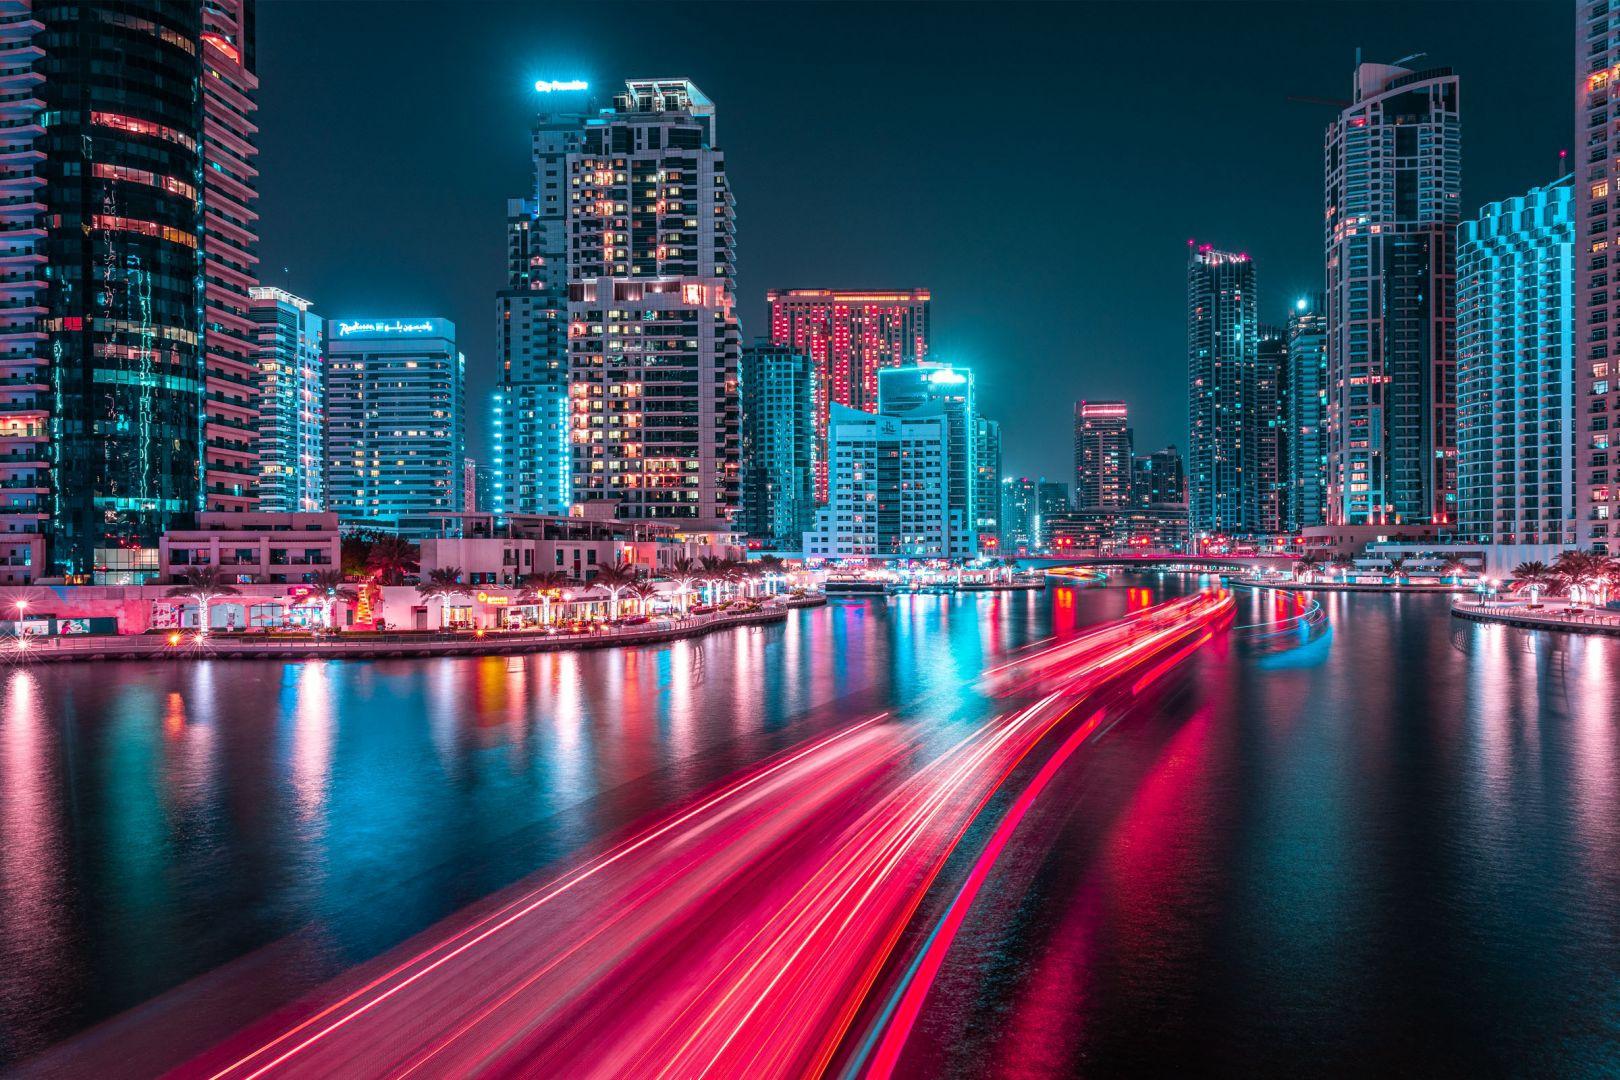 """Sau khi tìm được cách tái hiện cảm xúc chân thực nhất qua những bức ảnh, Portela đã thực hiện series """"Glow"""" ở một số thành phố lớn như New York (Mỹ), Bangkok (Thái Lan). Thành phố mới nhất xuất hiện trong series này là Dubai. Portela đến đây vào năm 2019 khi tham dự lễ hội nhiếp ảnh."""